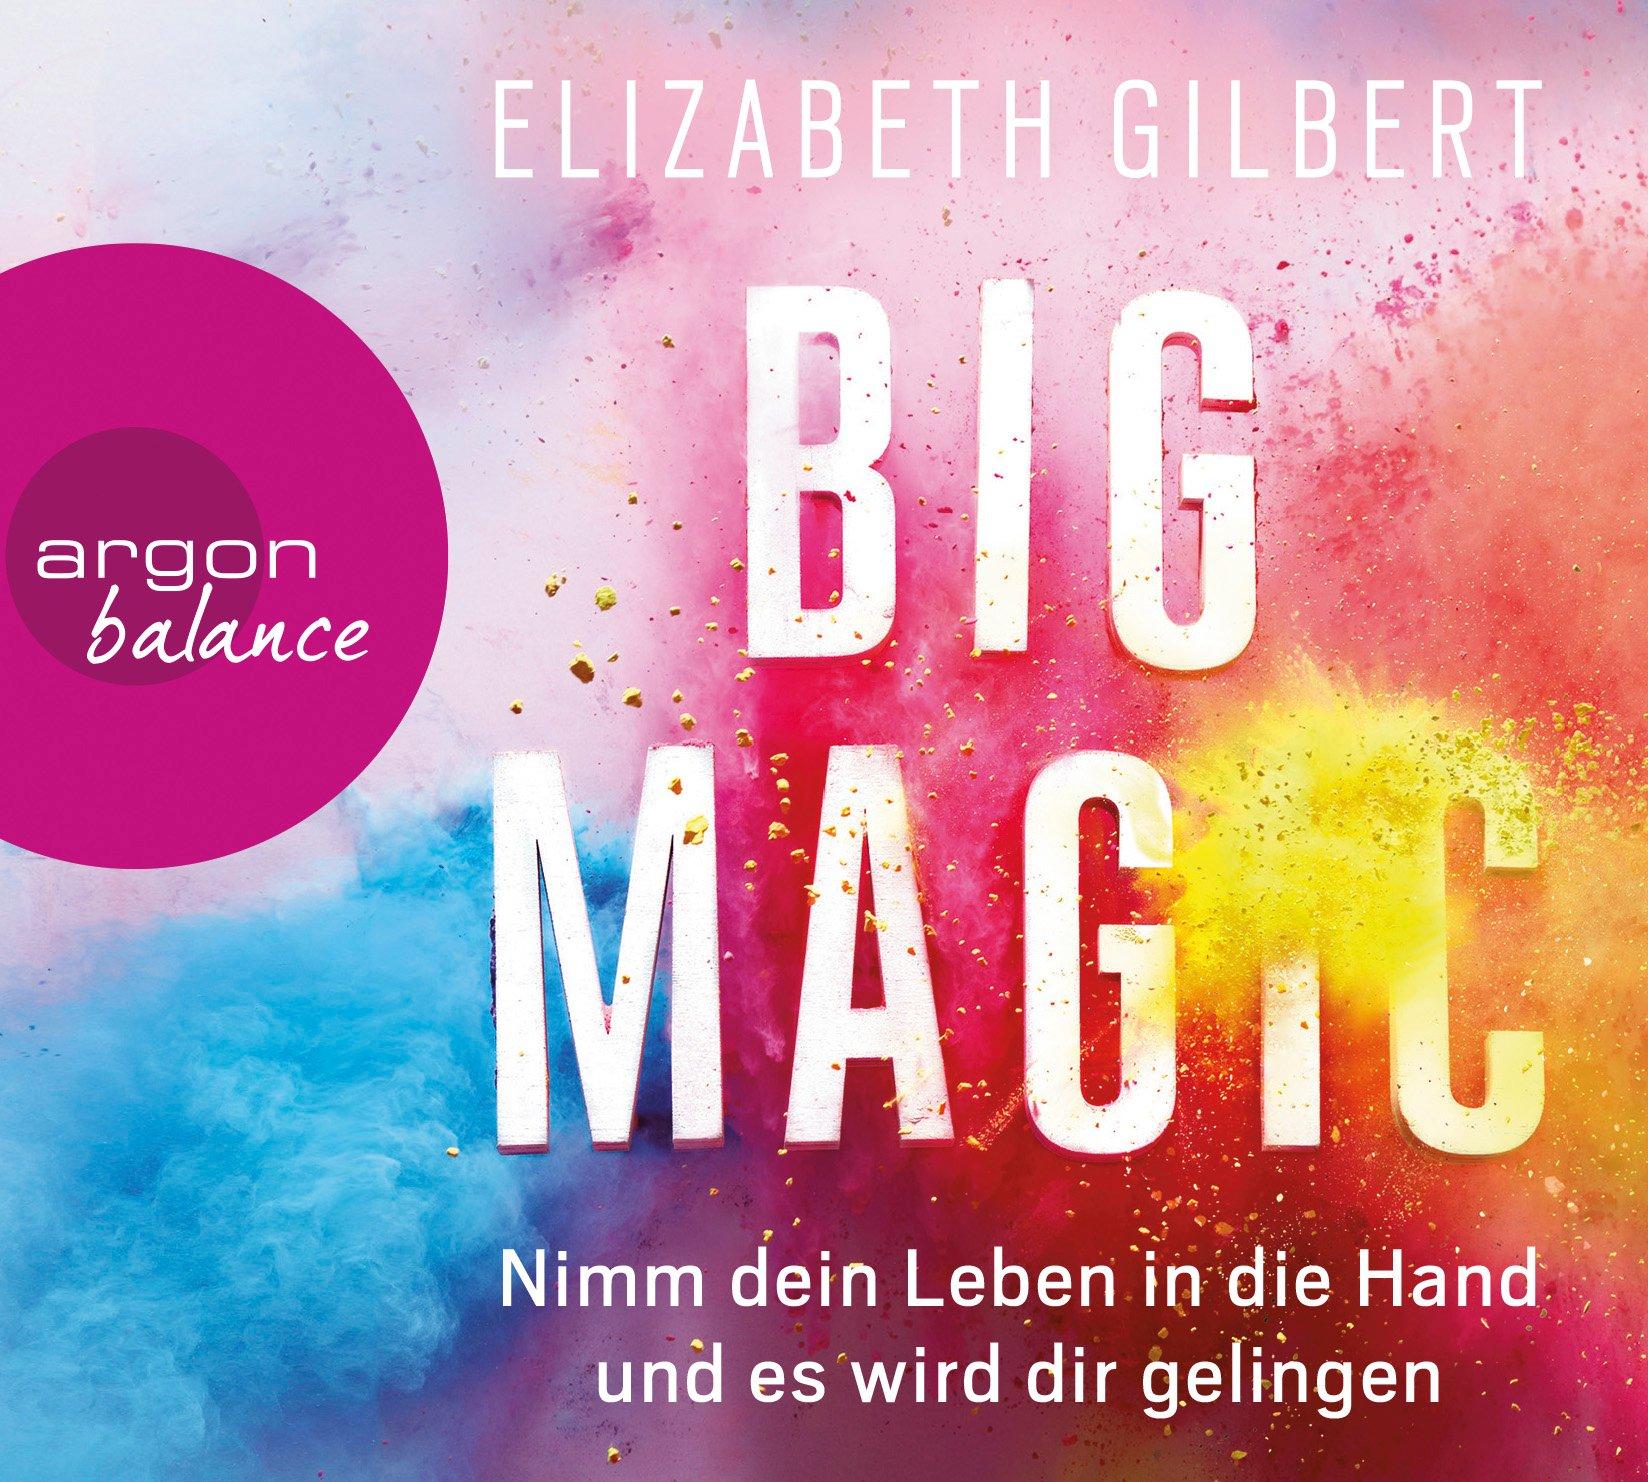 For free: 9 geniale Hörbücher für Business & Karriere - Z. B. Big Magic: Ein Plädoyer für ein kreatives Leben. #stillundstark #vanillamind